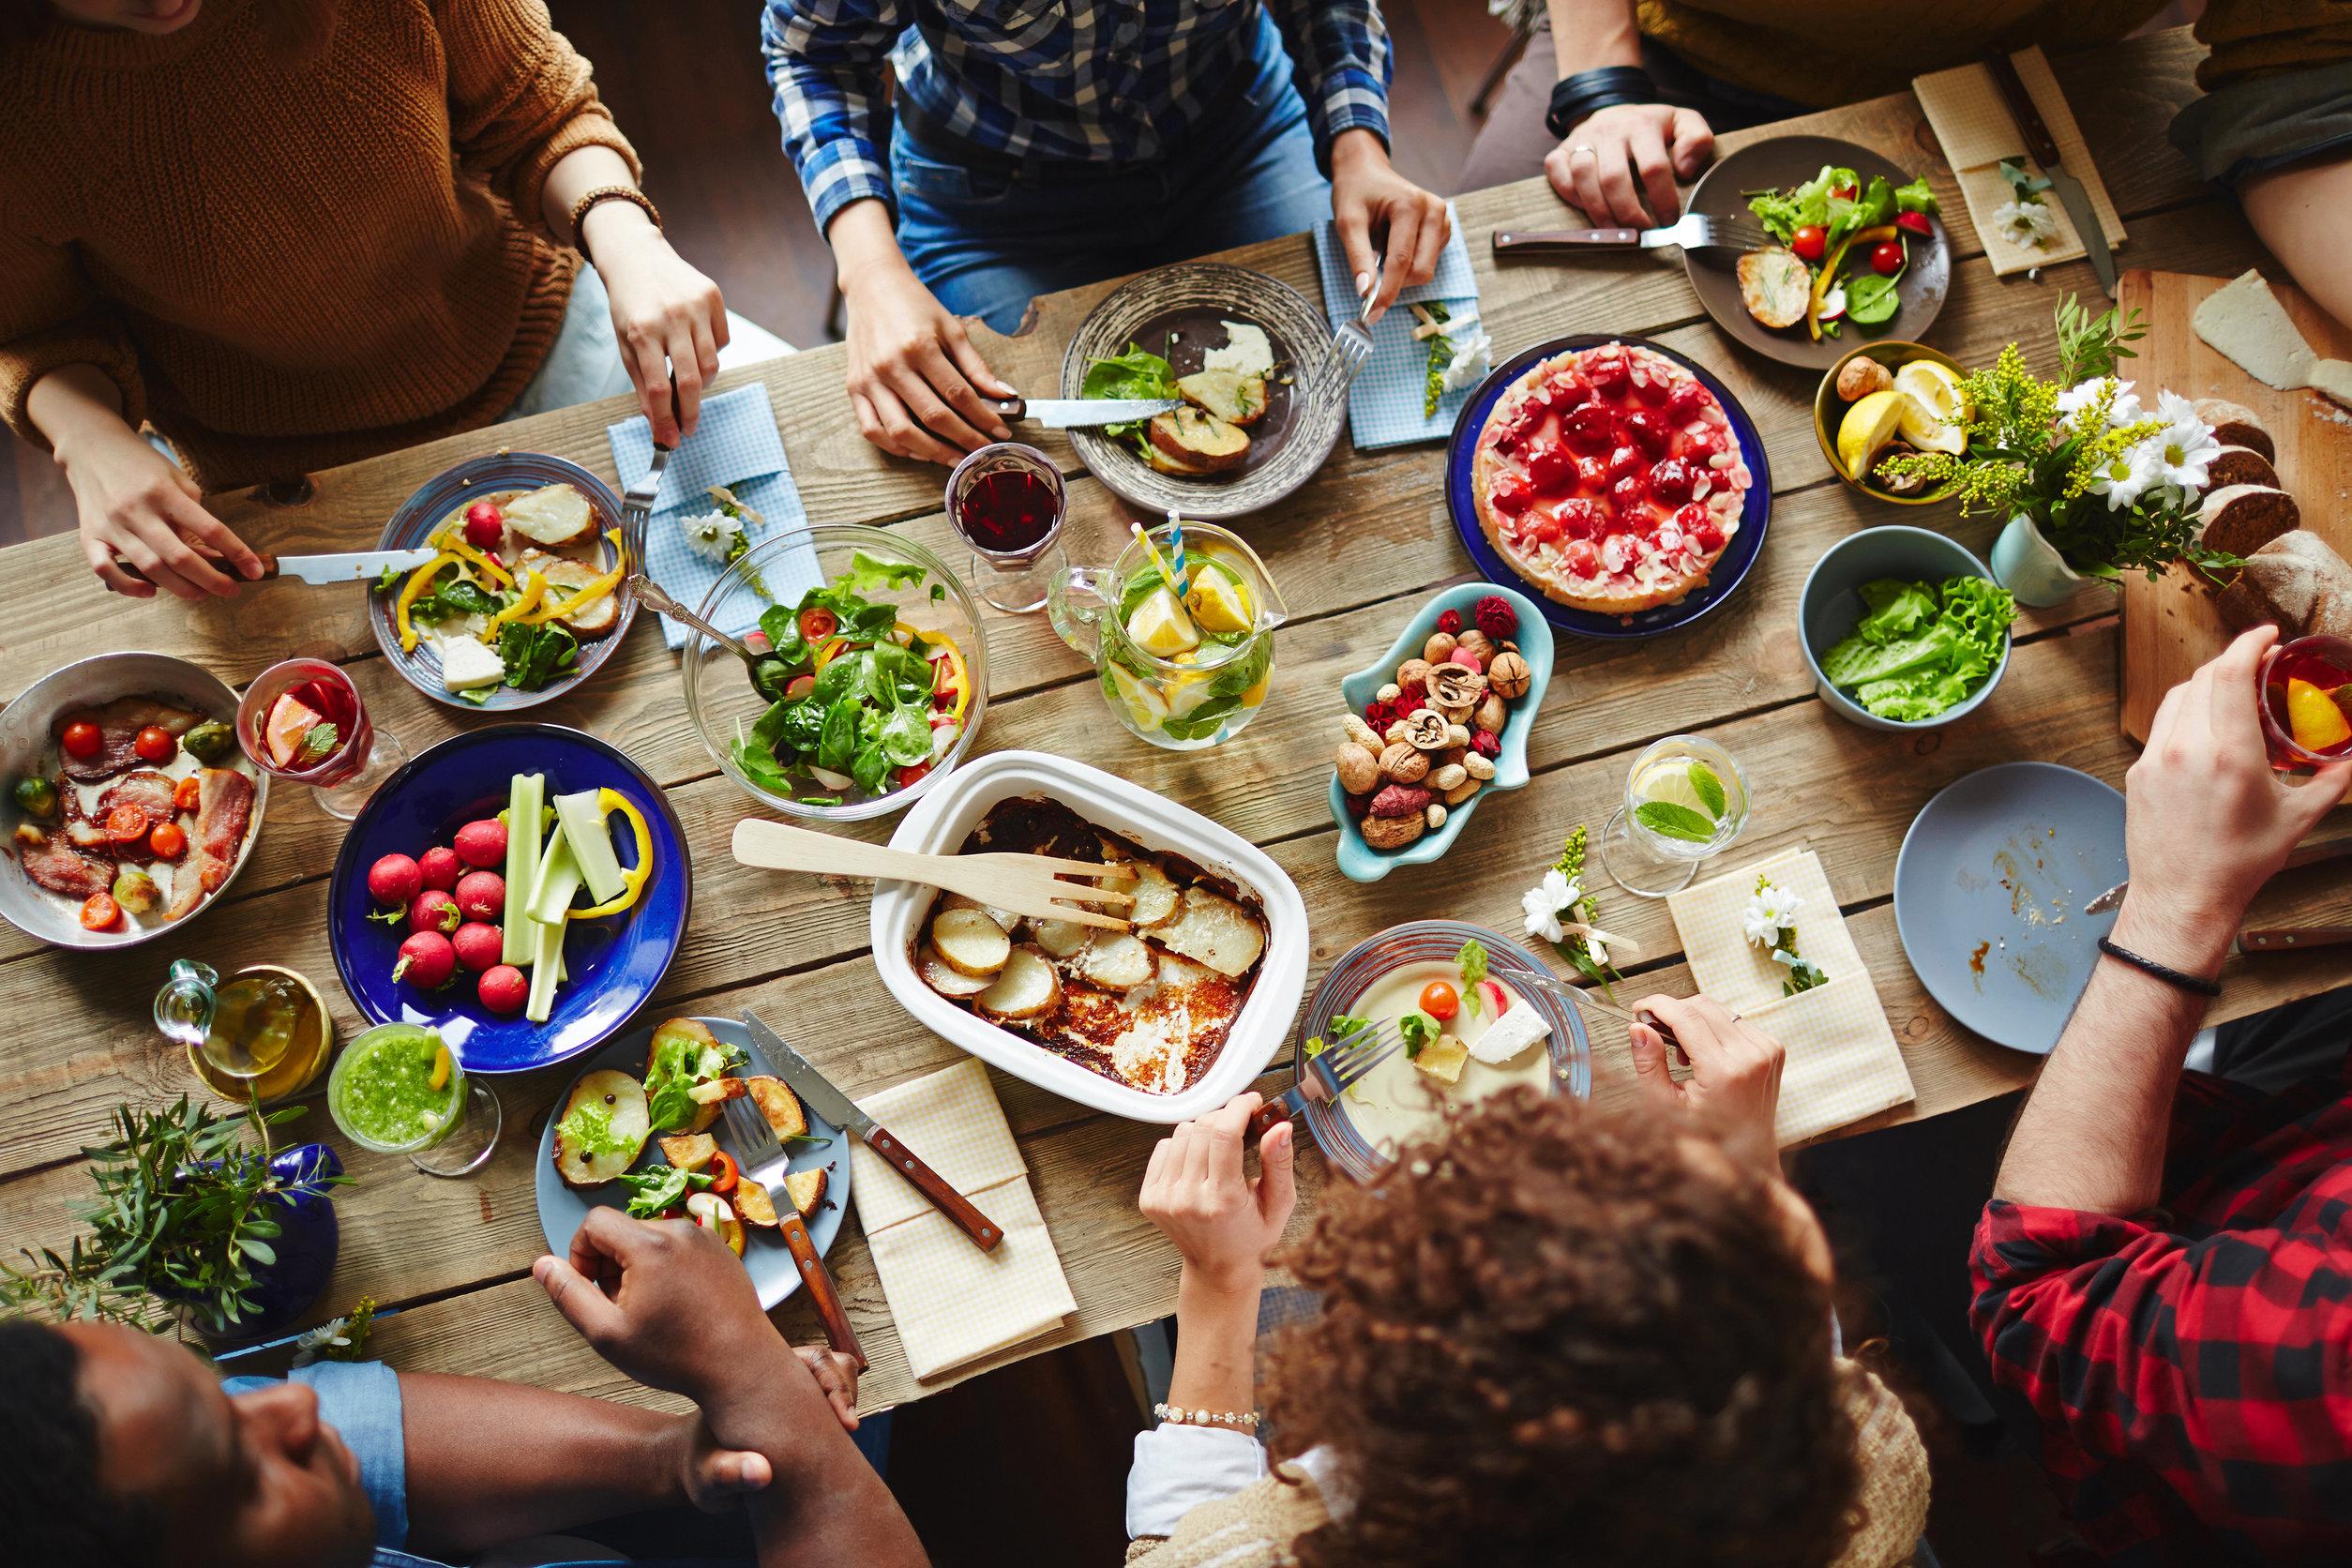 Personas comiendo en mesa